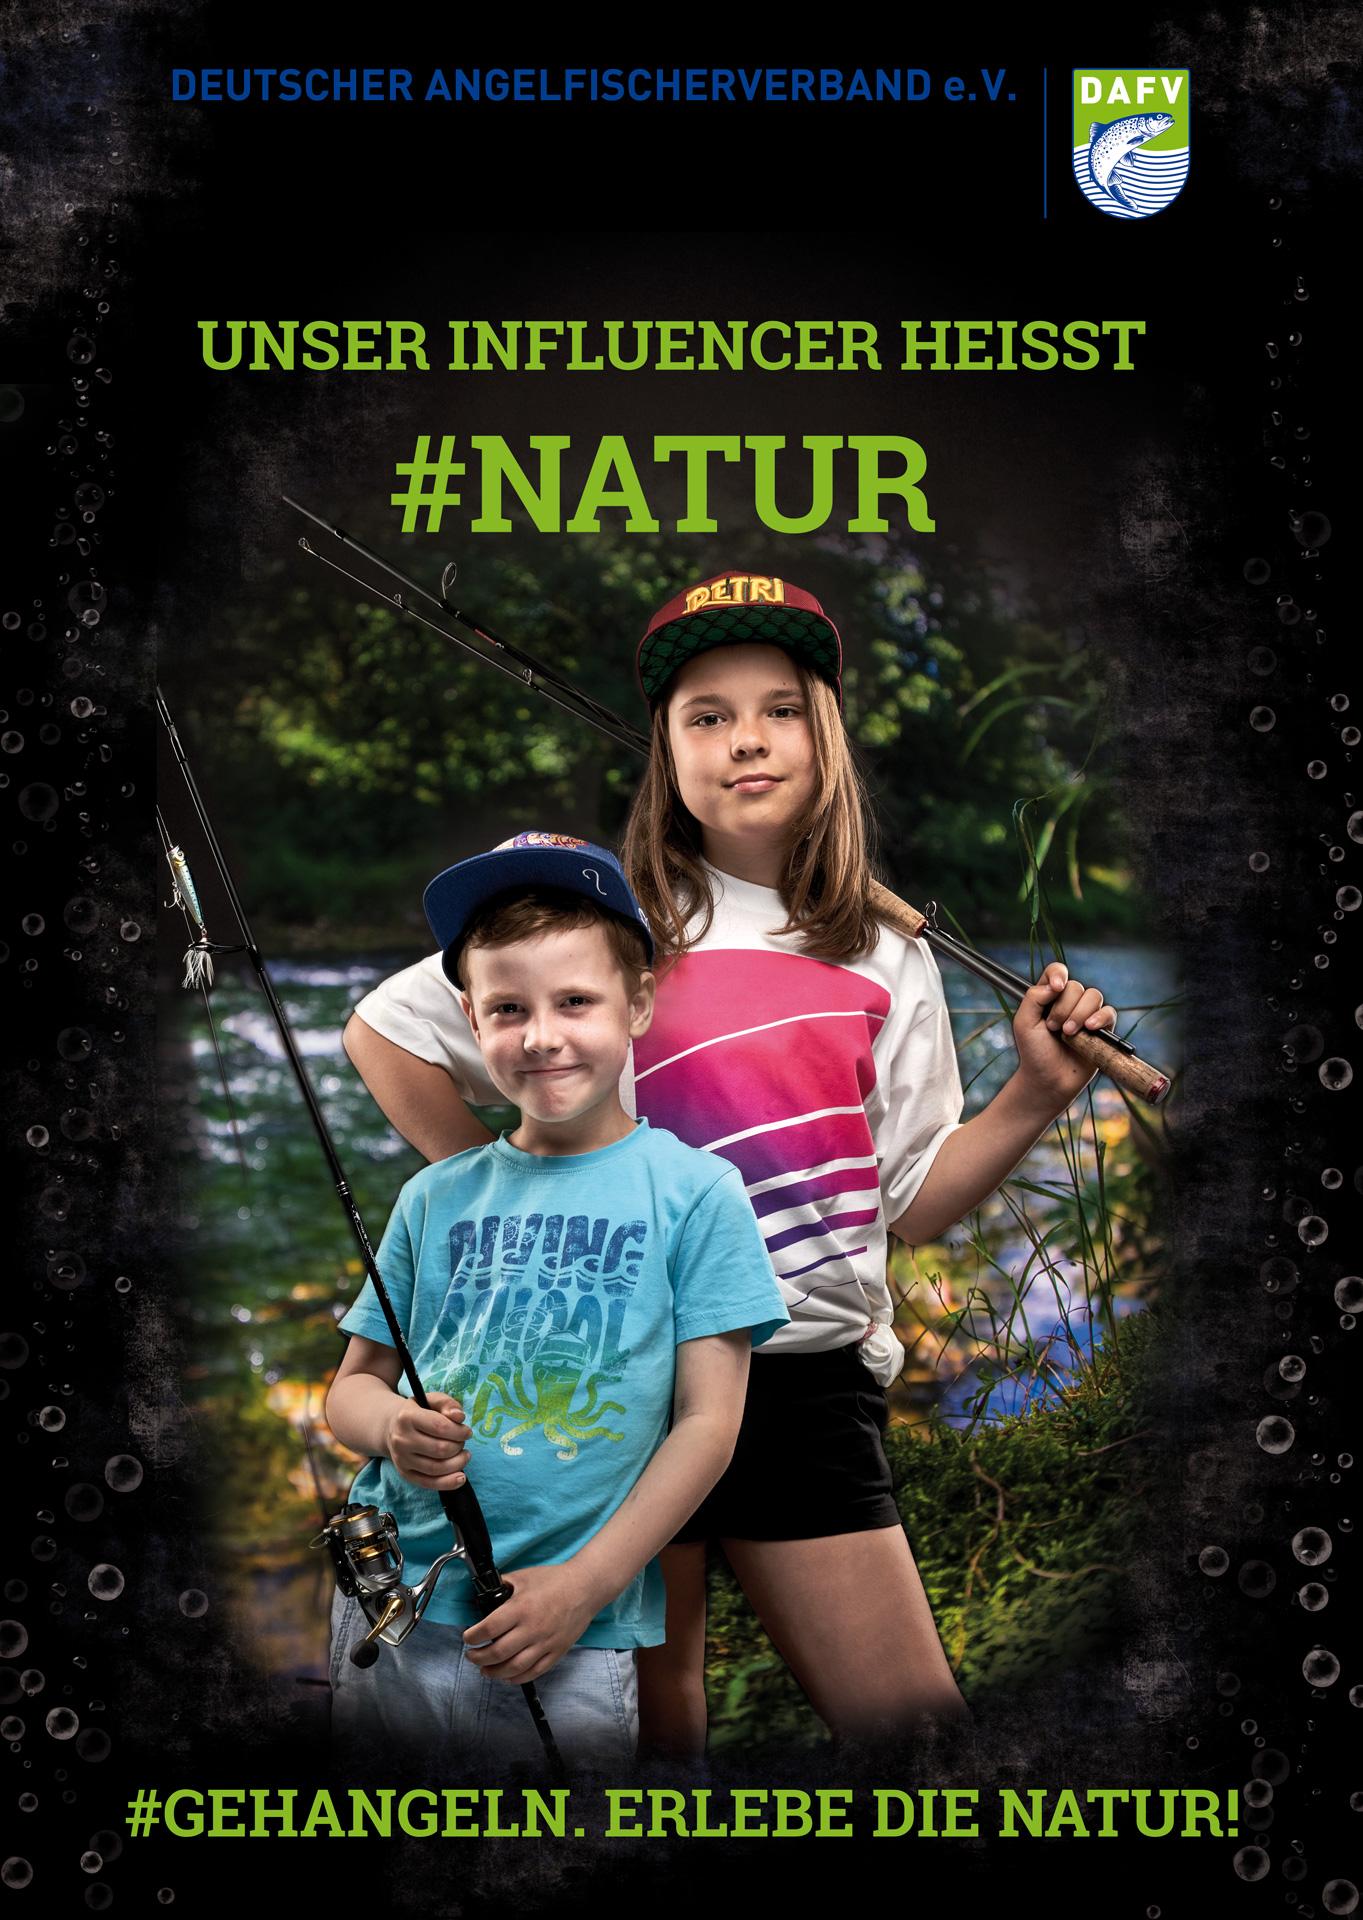 DAFV_Kampagne_Facebook_#natur.jpg